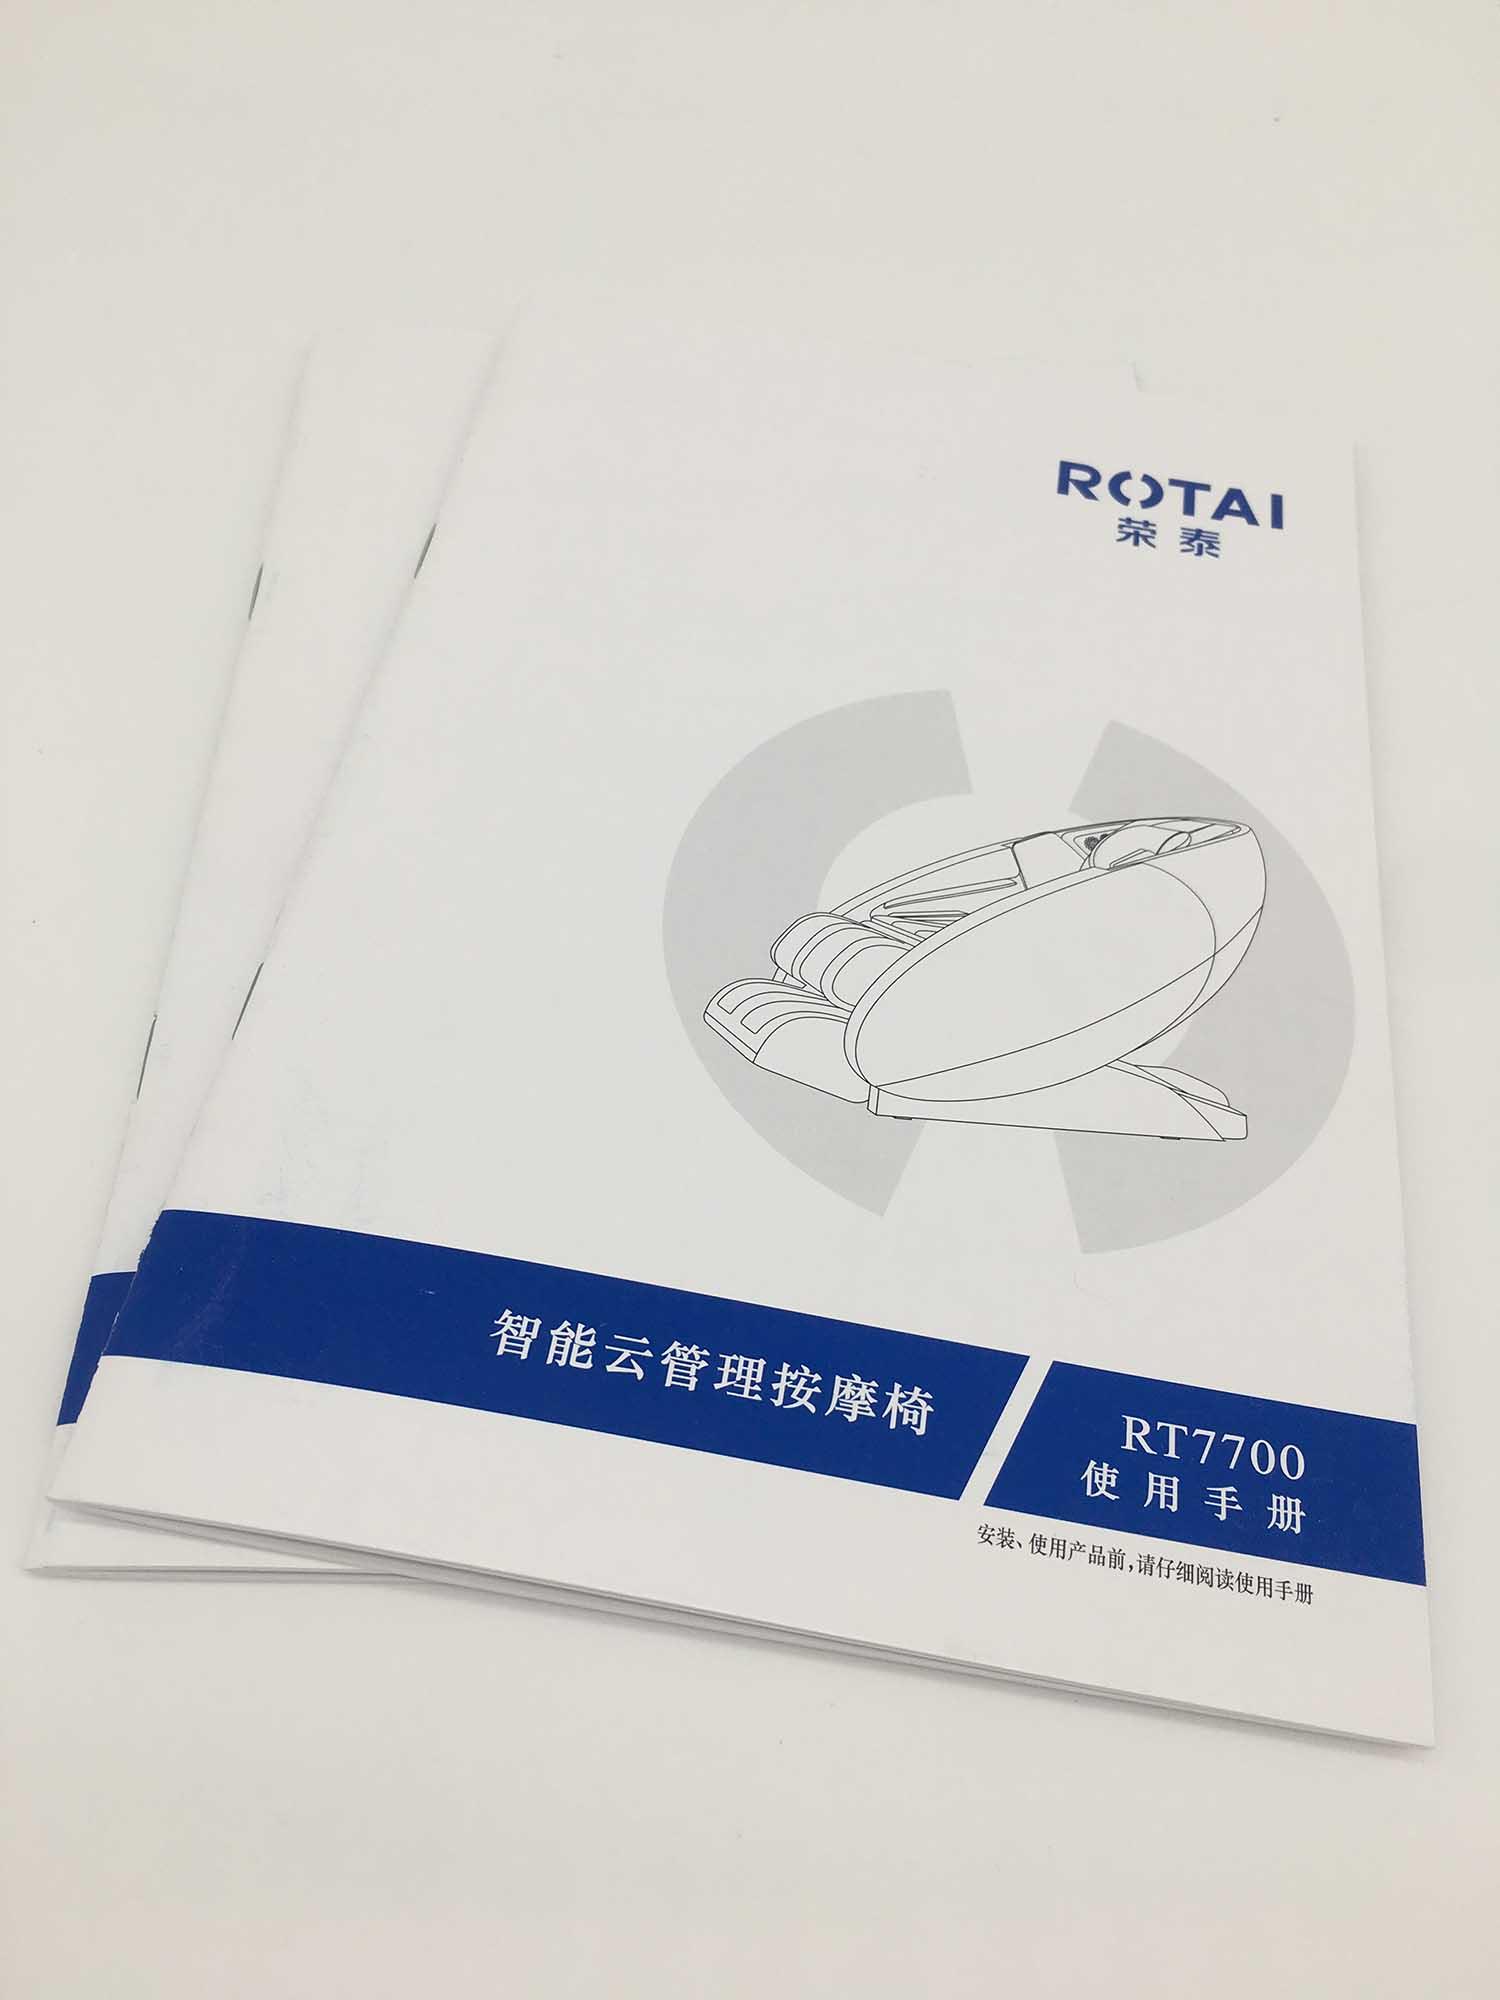 洪湖公司样本册印刷制作